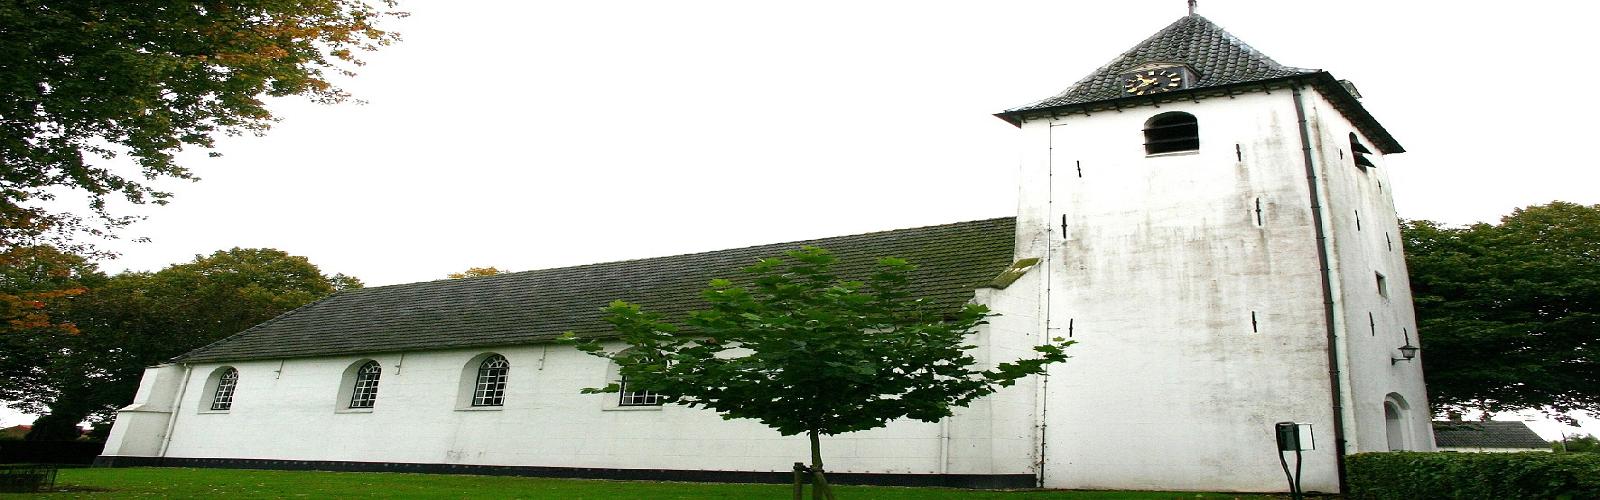 Kerkgebouw website 3